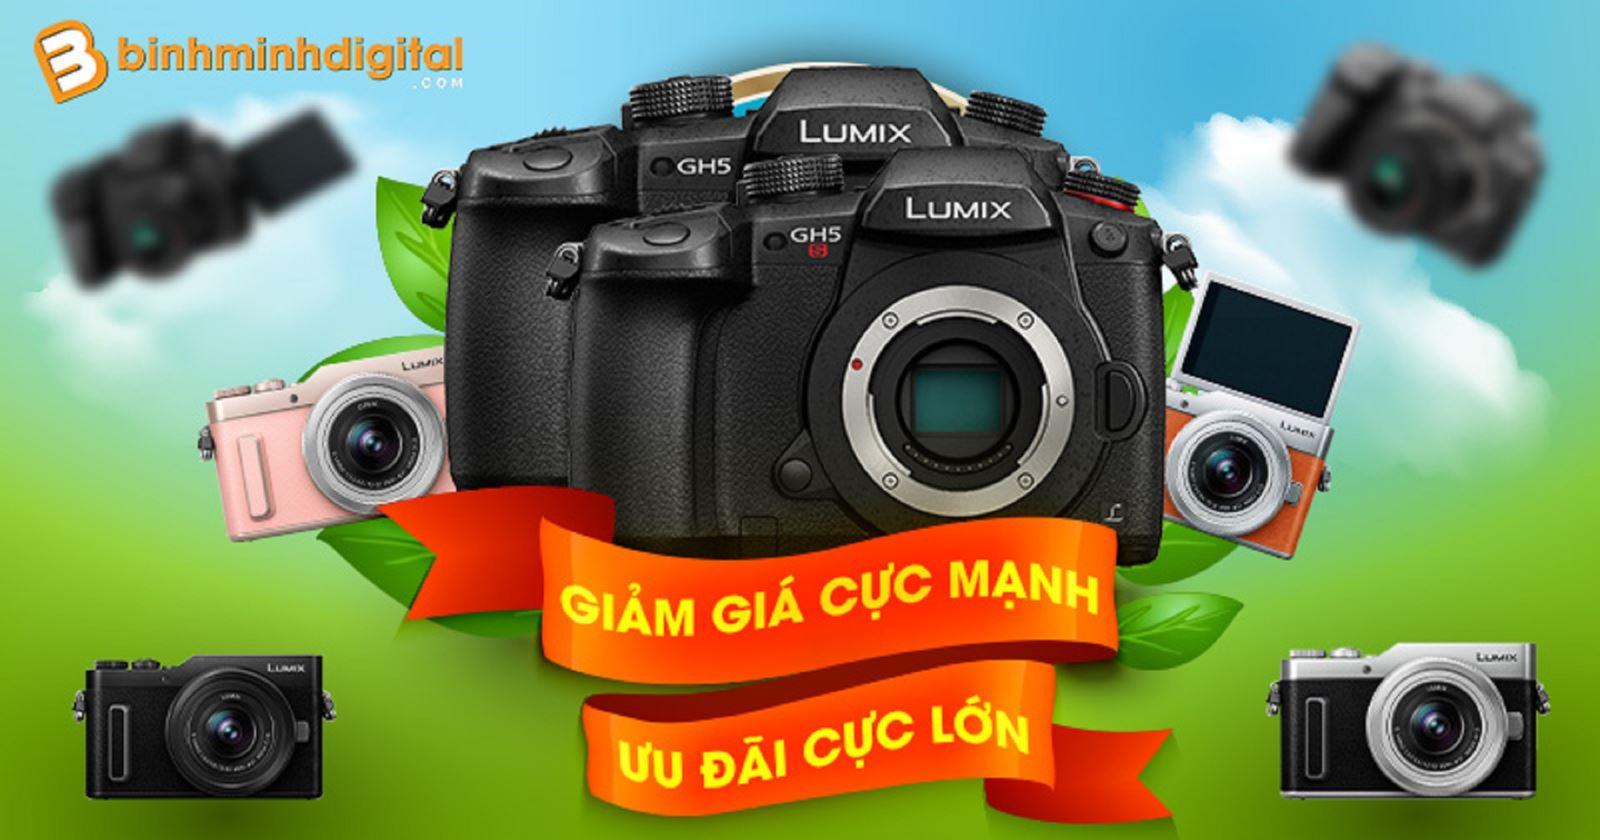 Ưu đãi cực lớn khi mua máy ảnhPanasonic tại BinhMinhDigital